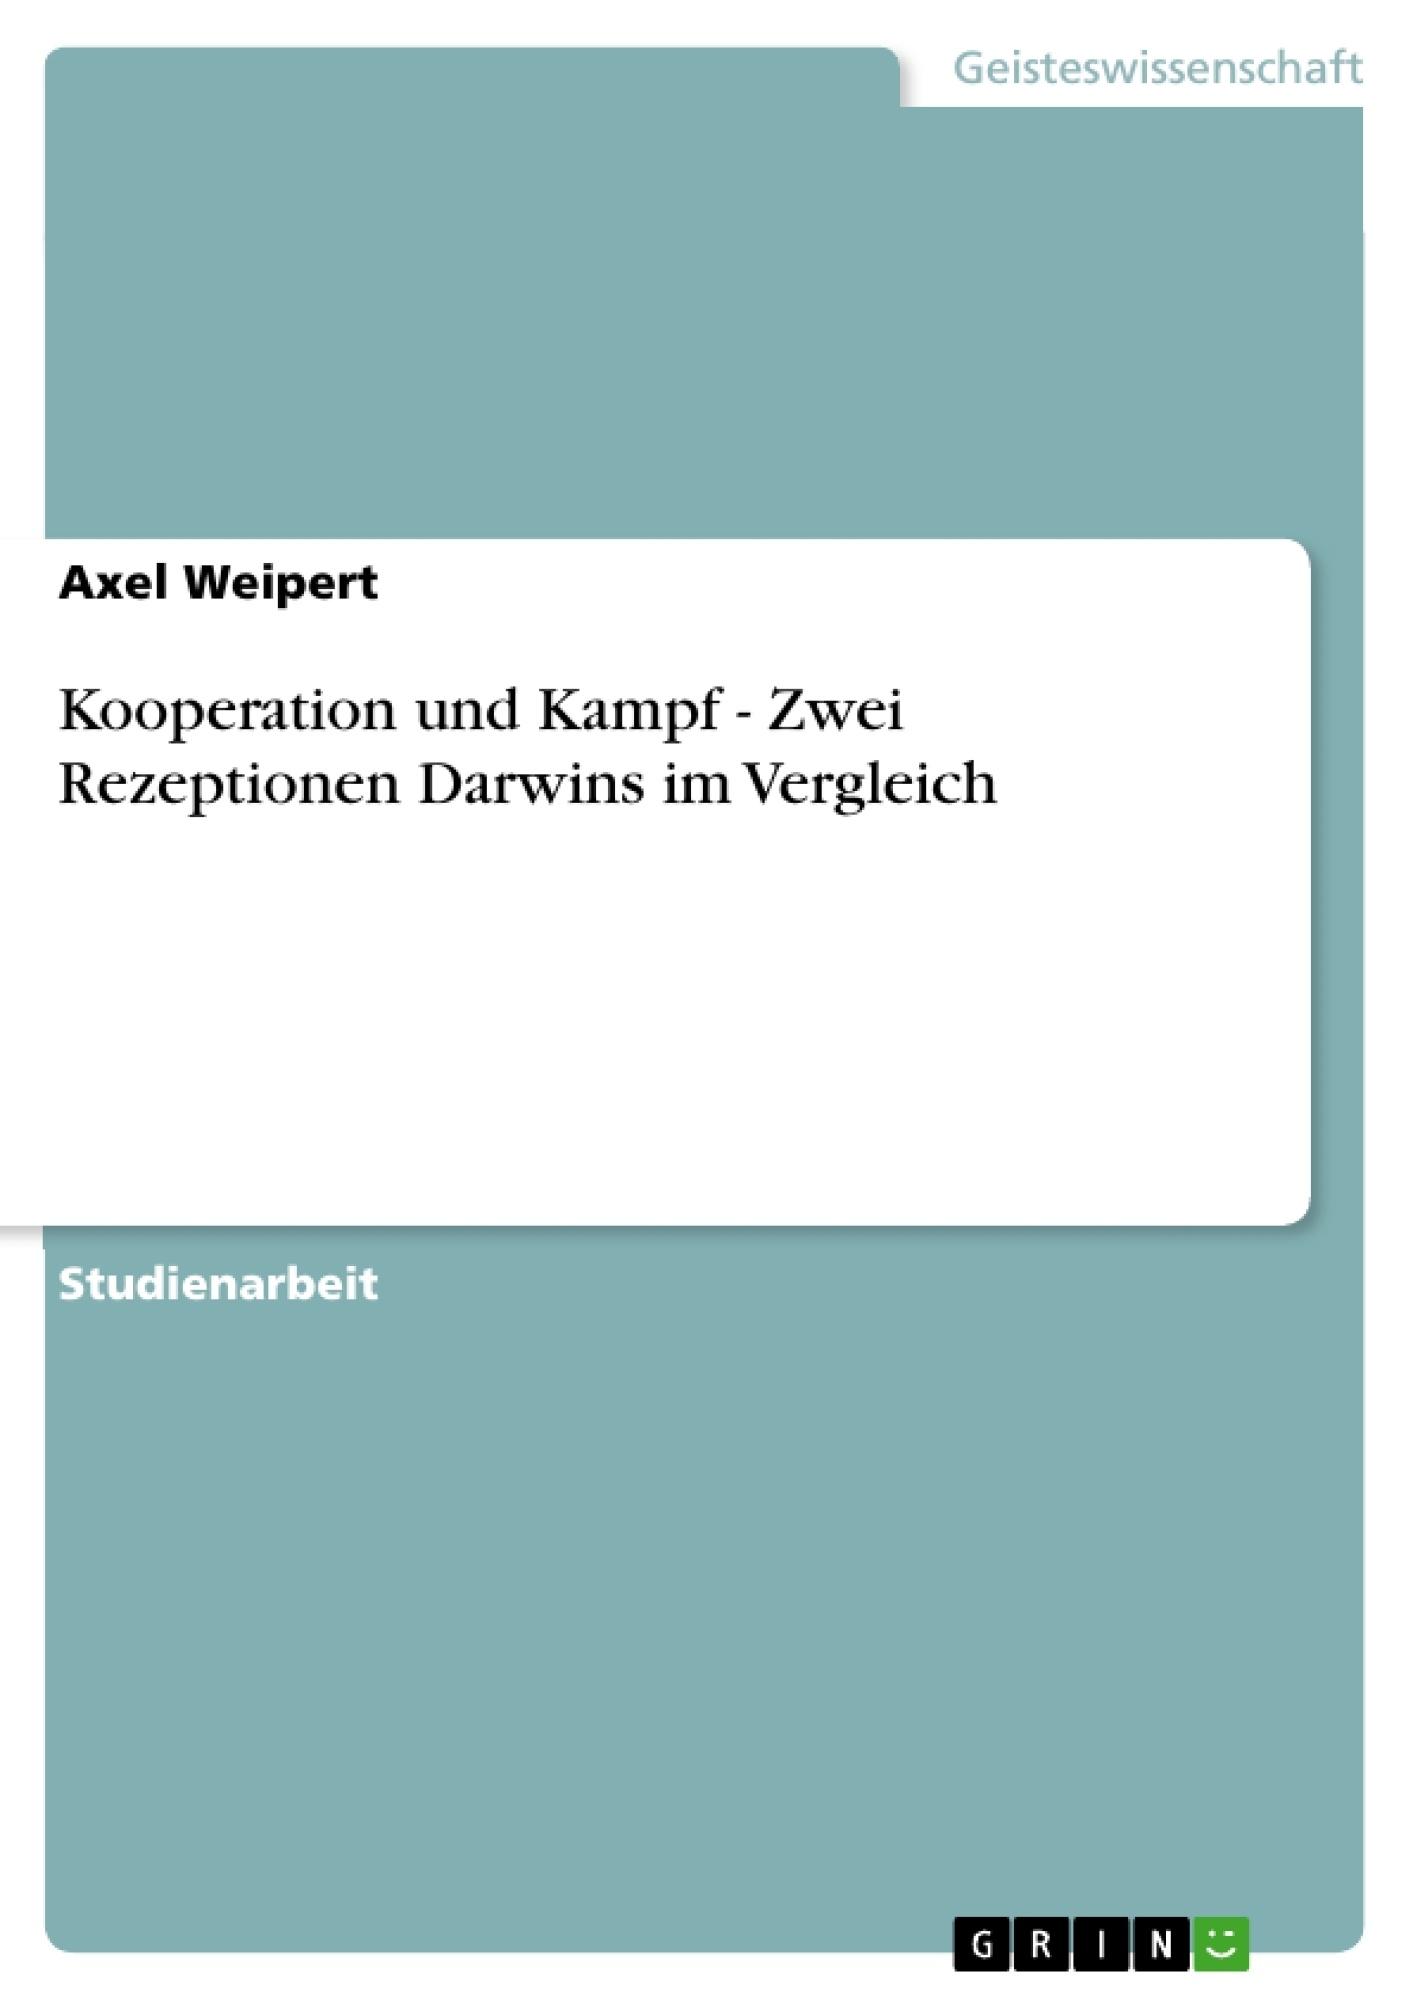 Titel: Kooperation und Kampf - Zwei Rezeptionen Darwins im Vergleich